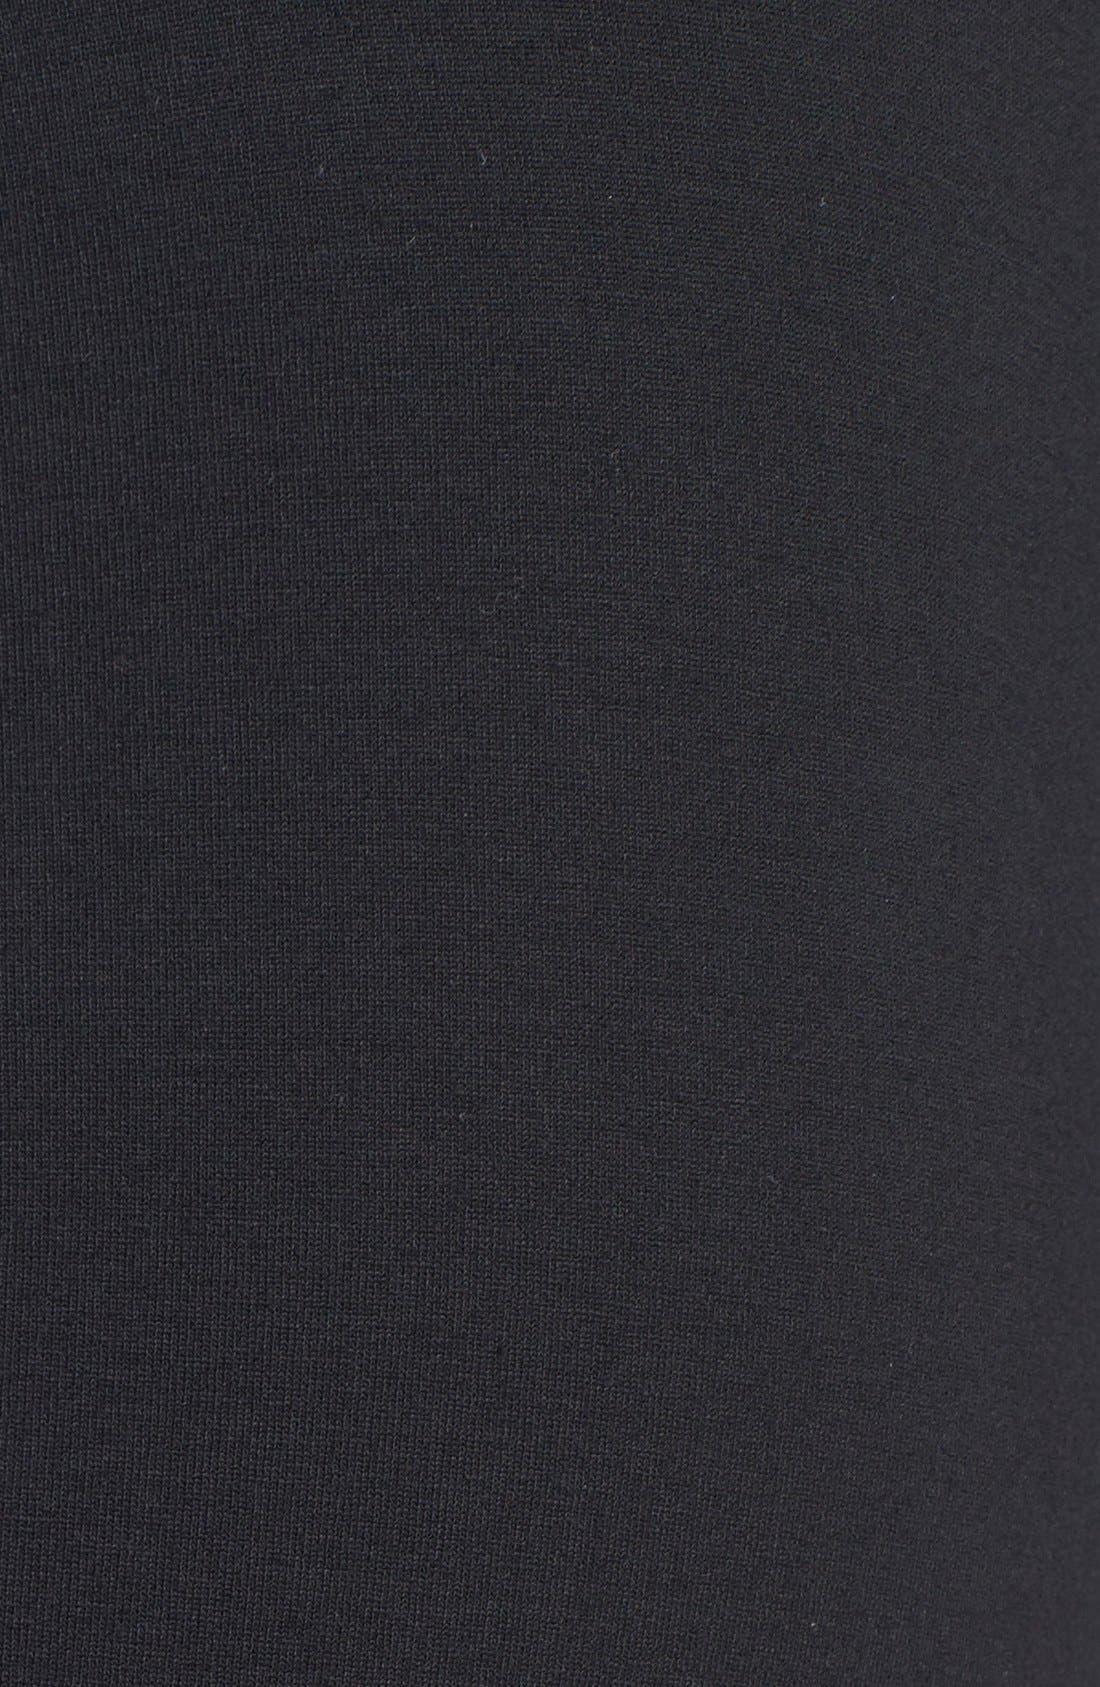 Alternate Image 3  - Eileen Fisher Skirted Leggings (Plus Size)